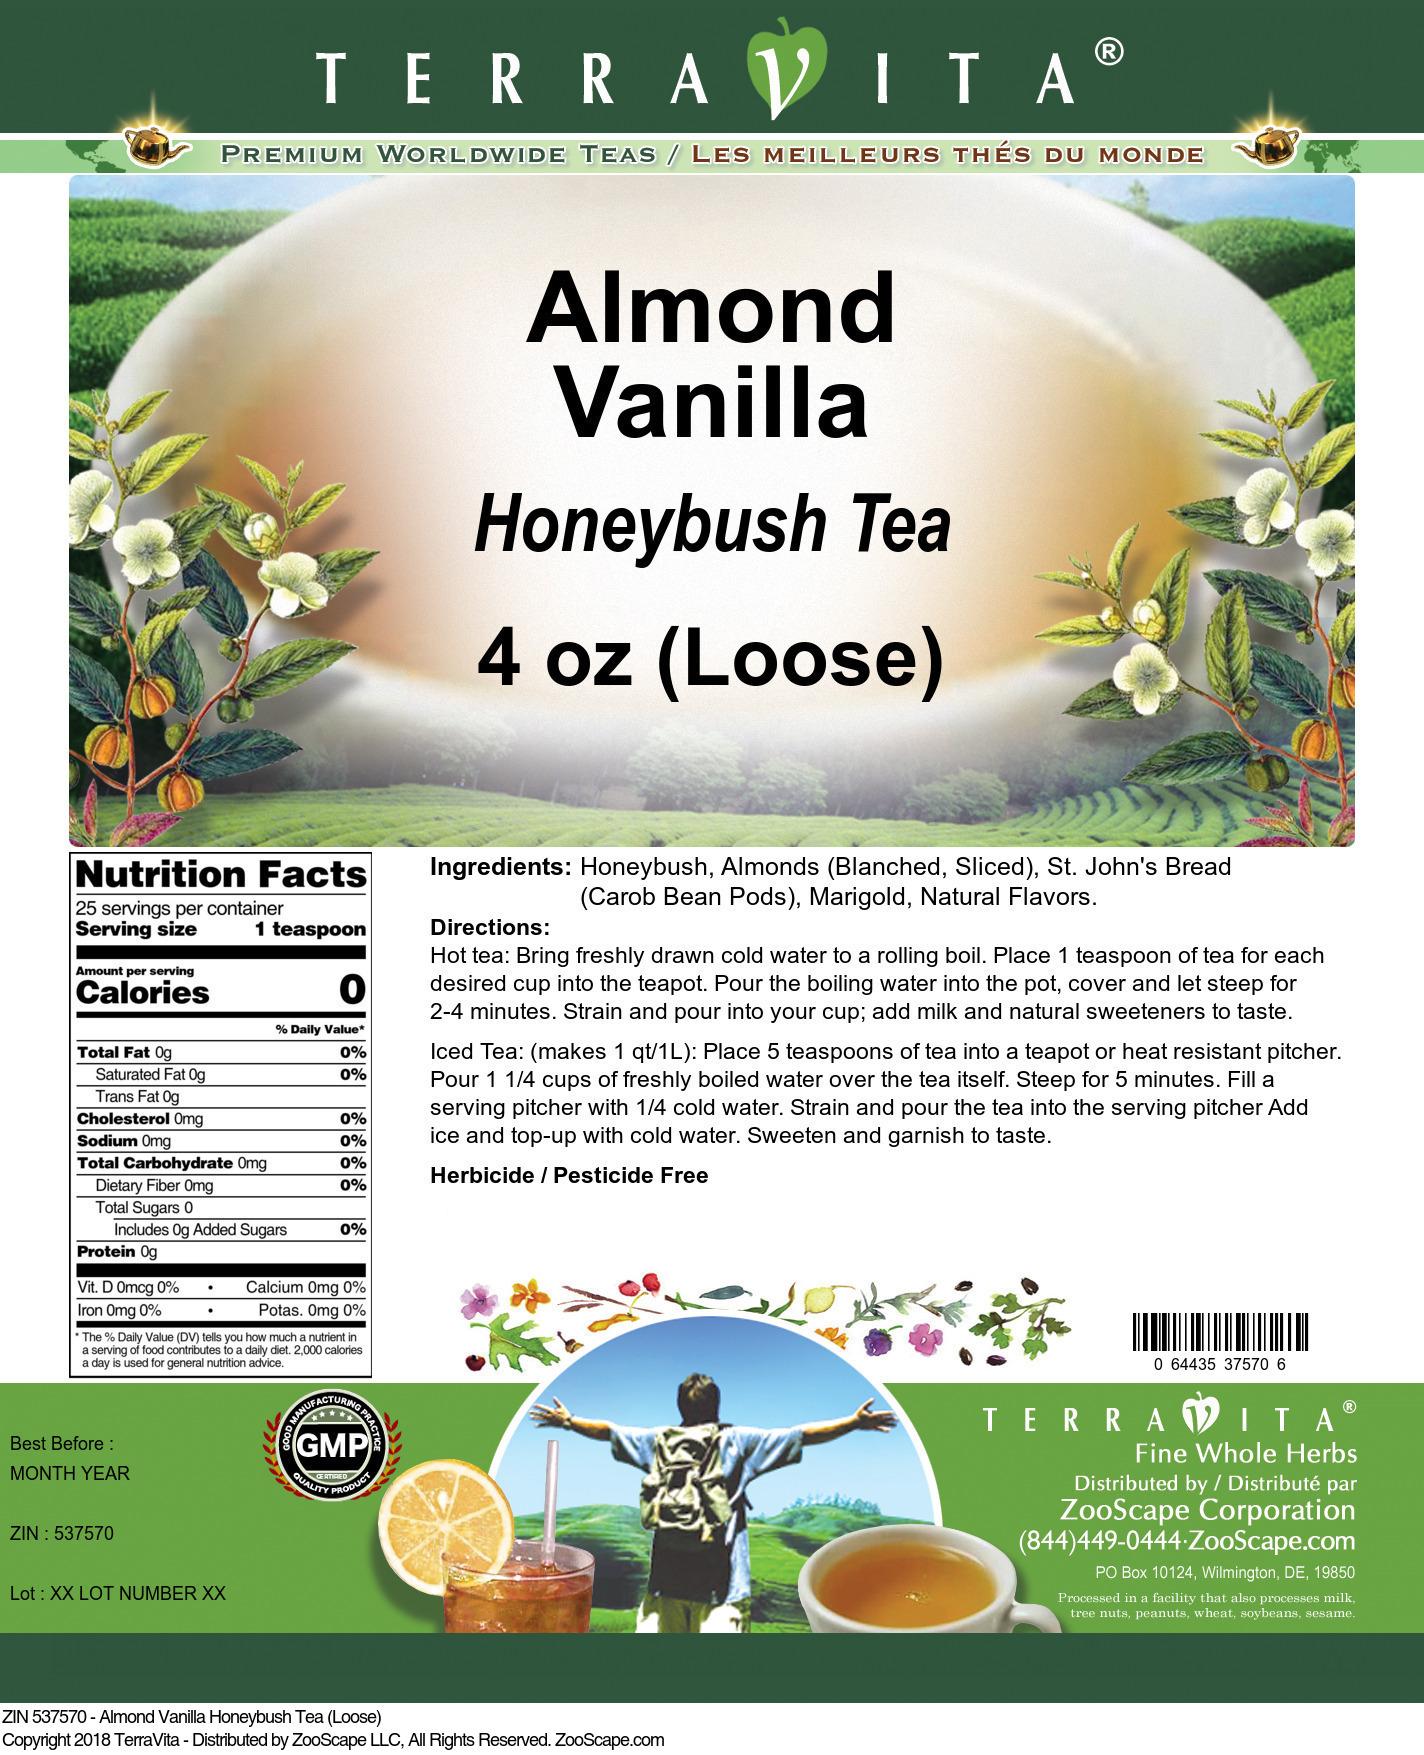 Almond Vanilla Honeybush Tea (Loose)